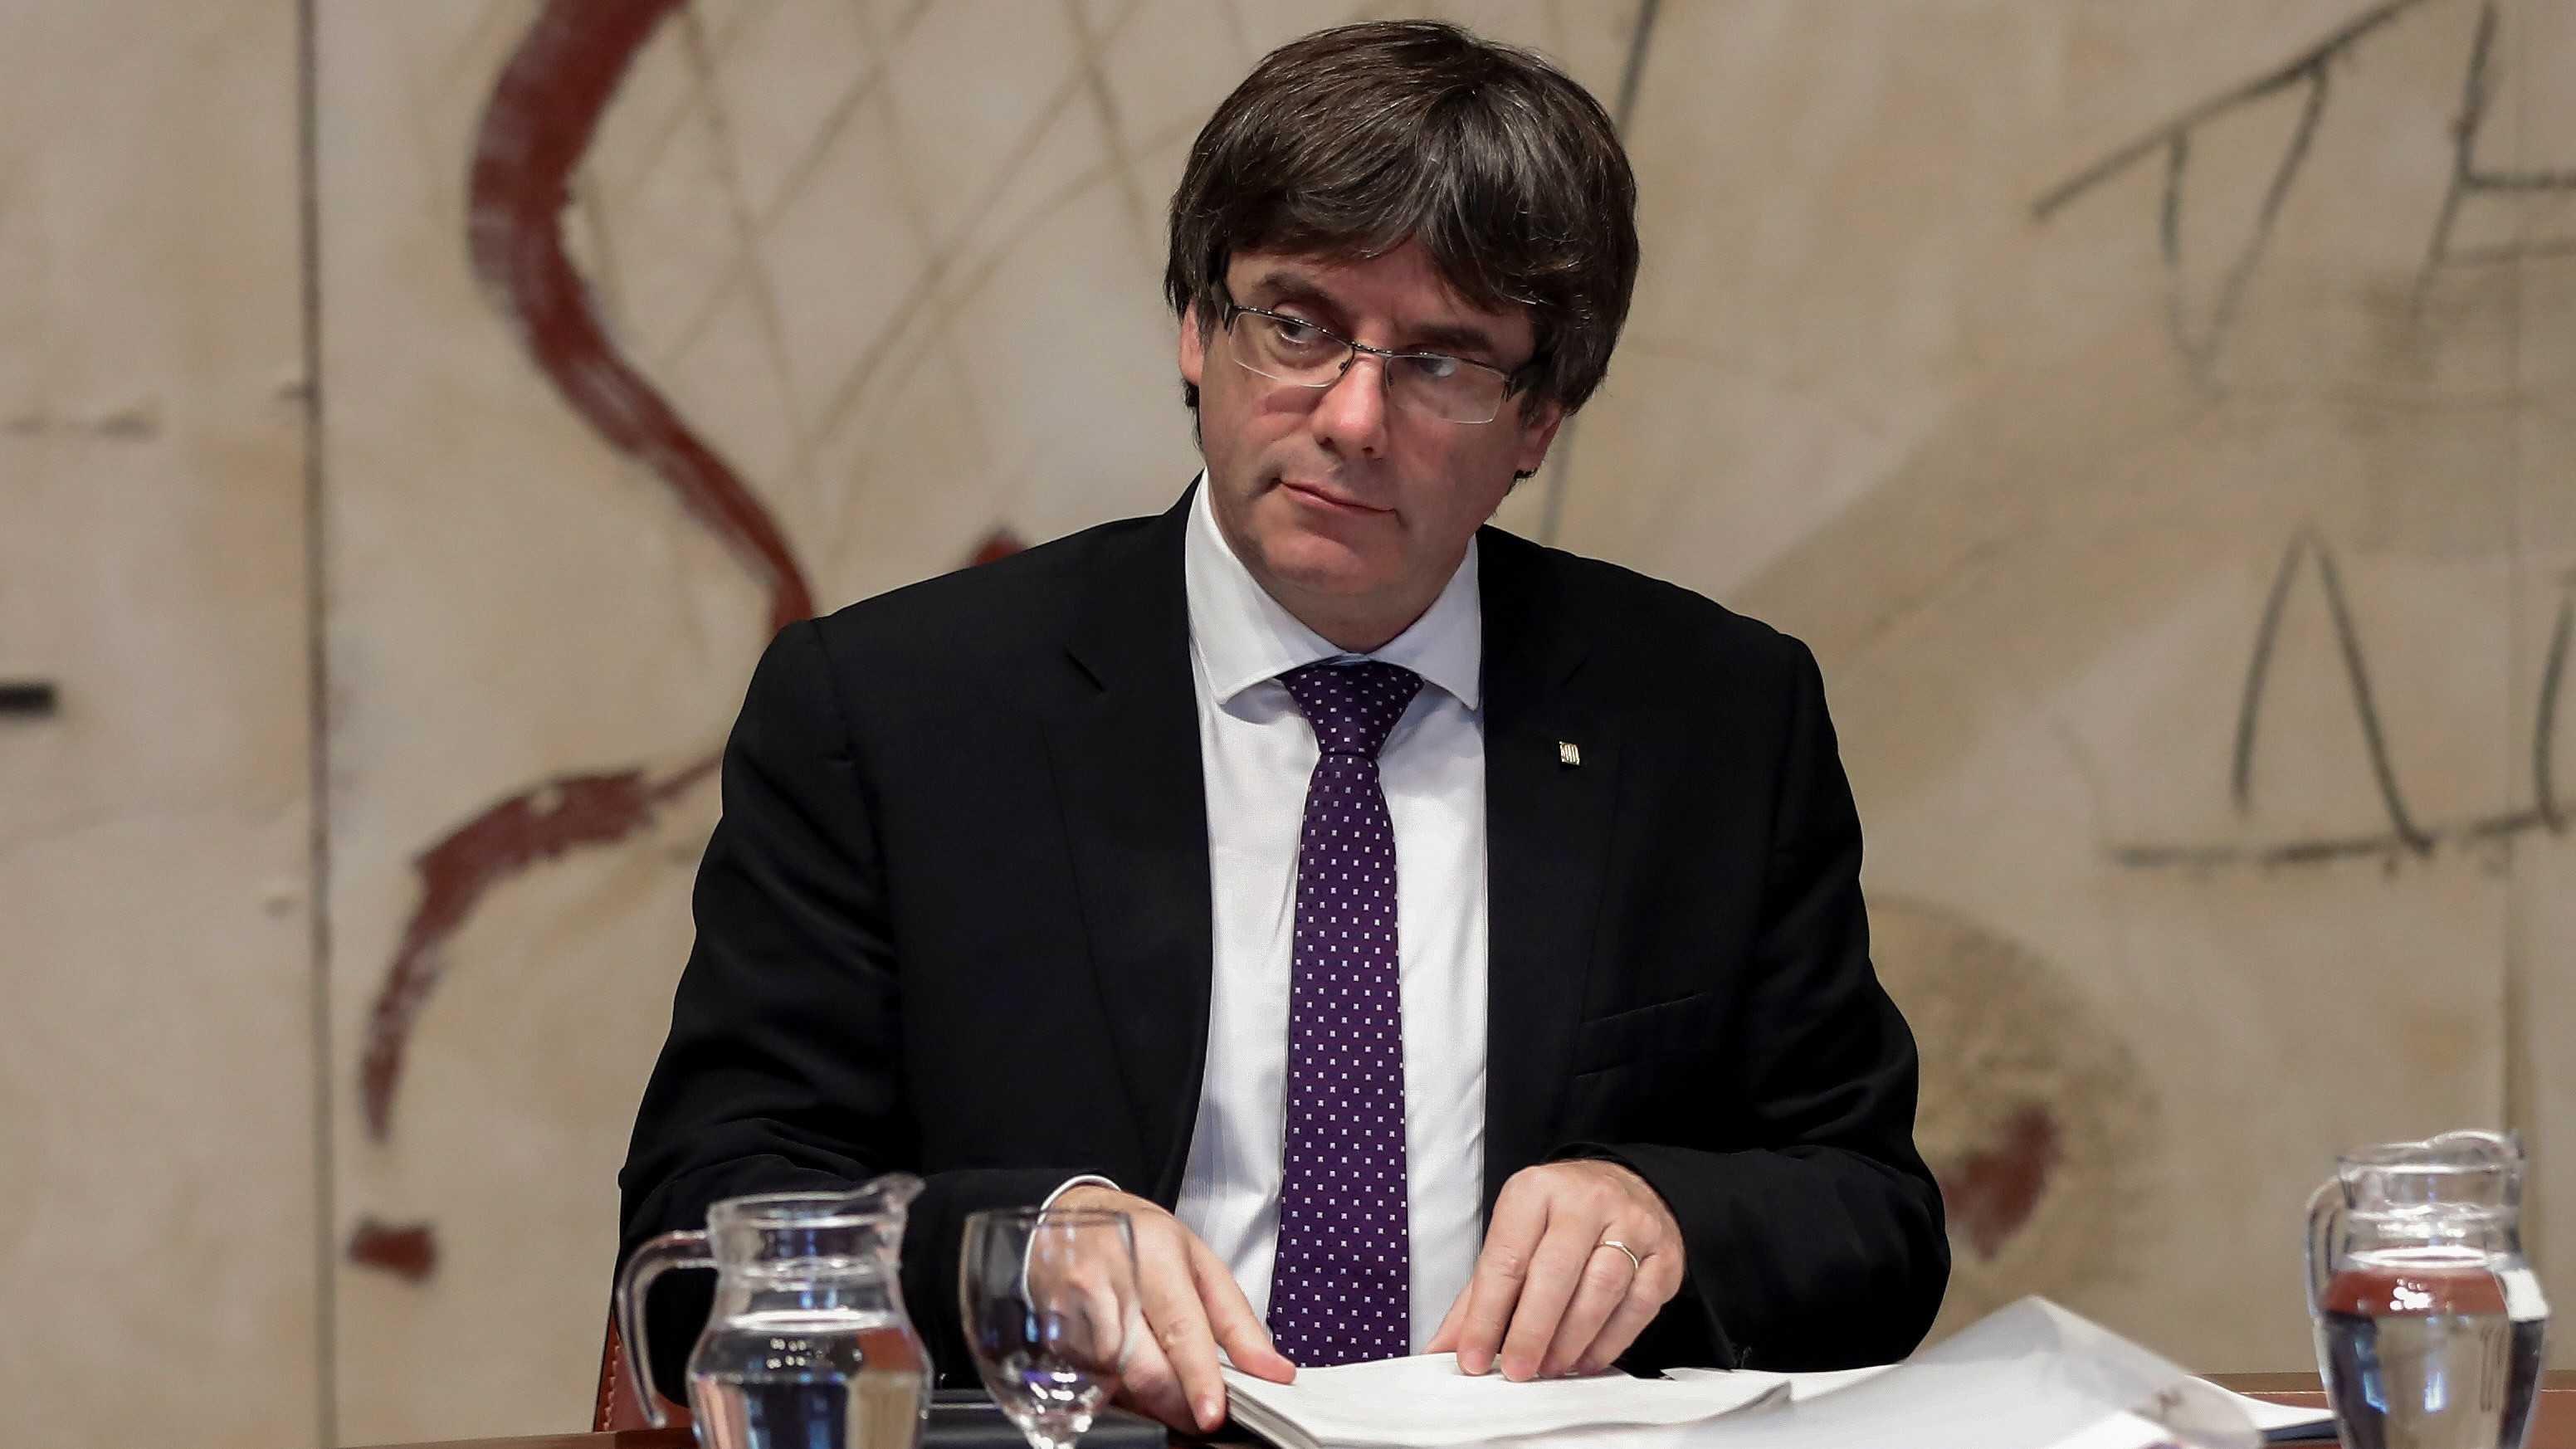 ВИспании сообщили, что лидер Каталонии потеряет все полномочия после решения Сената